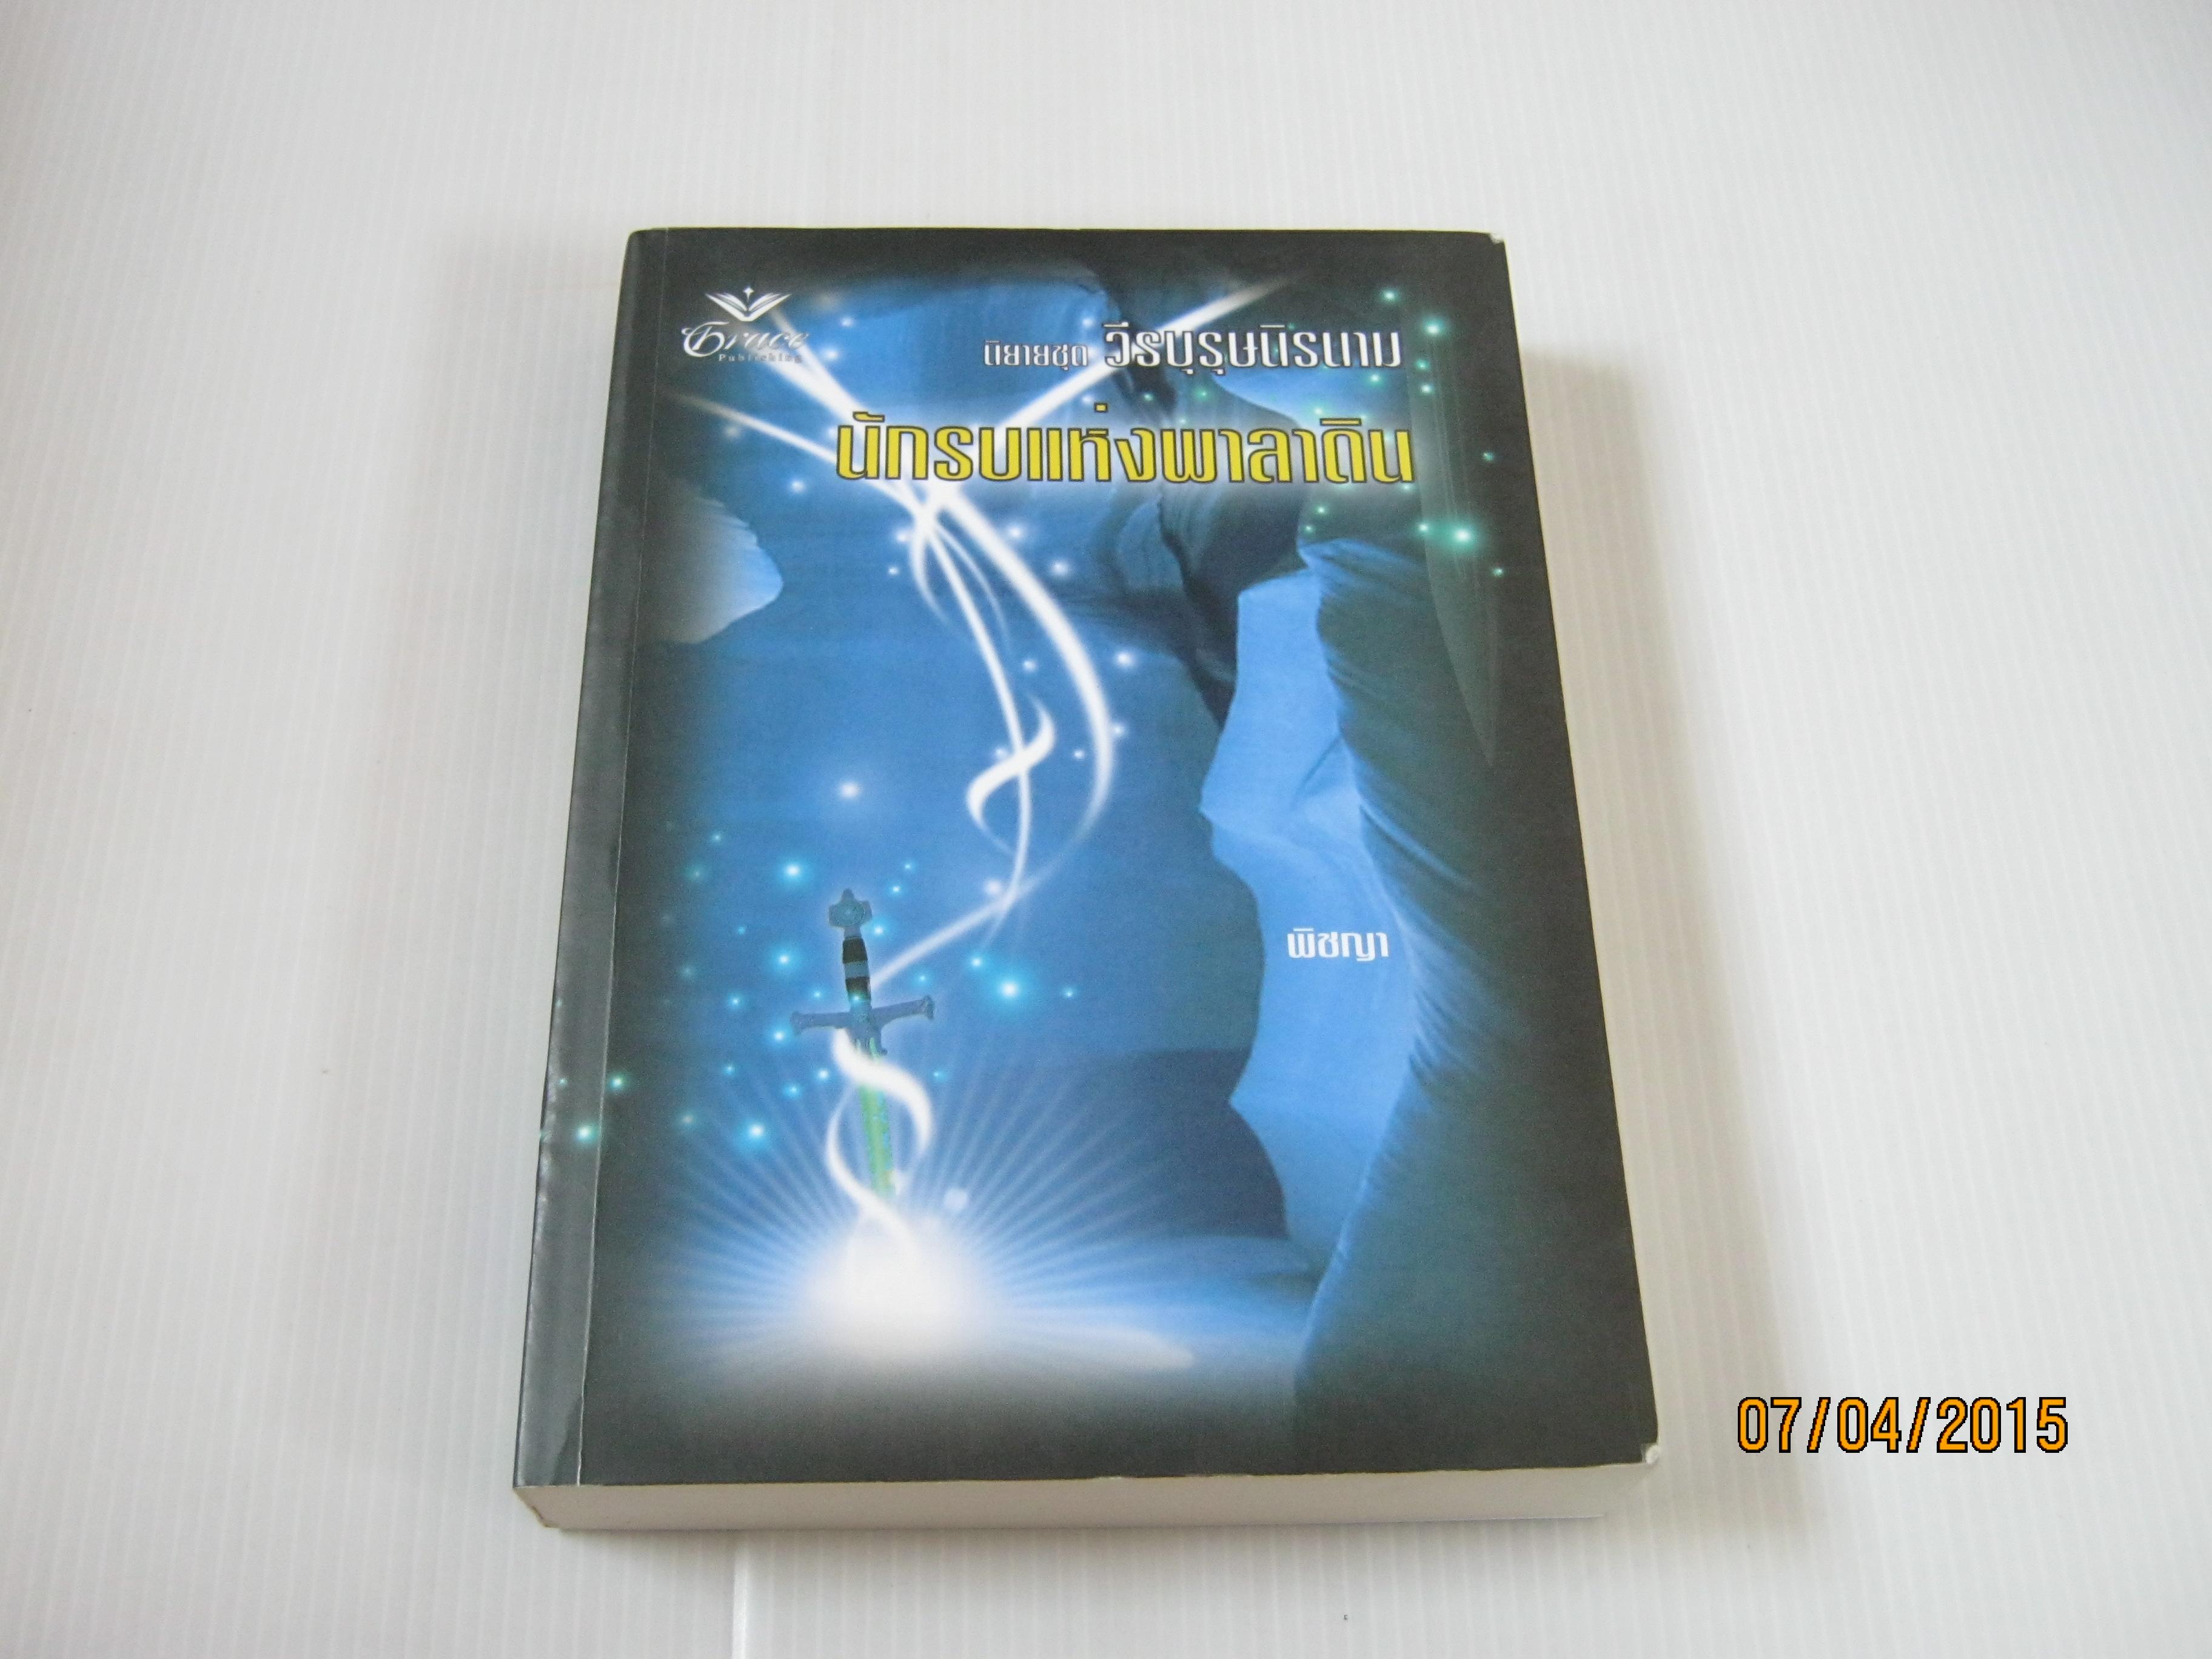 นิยายชุด วีรบุรุษนิรนาม ตอน นักรบแห่งพาลาดิน อเล็กซิส มอร์แกน เขียน พิชญา แปล